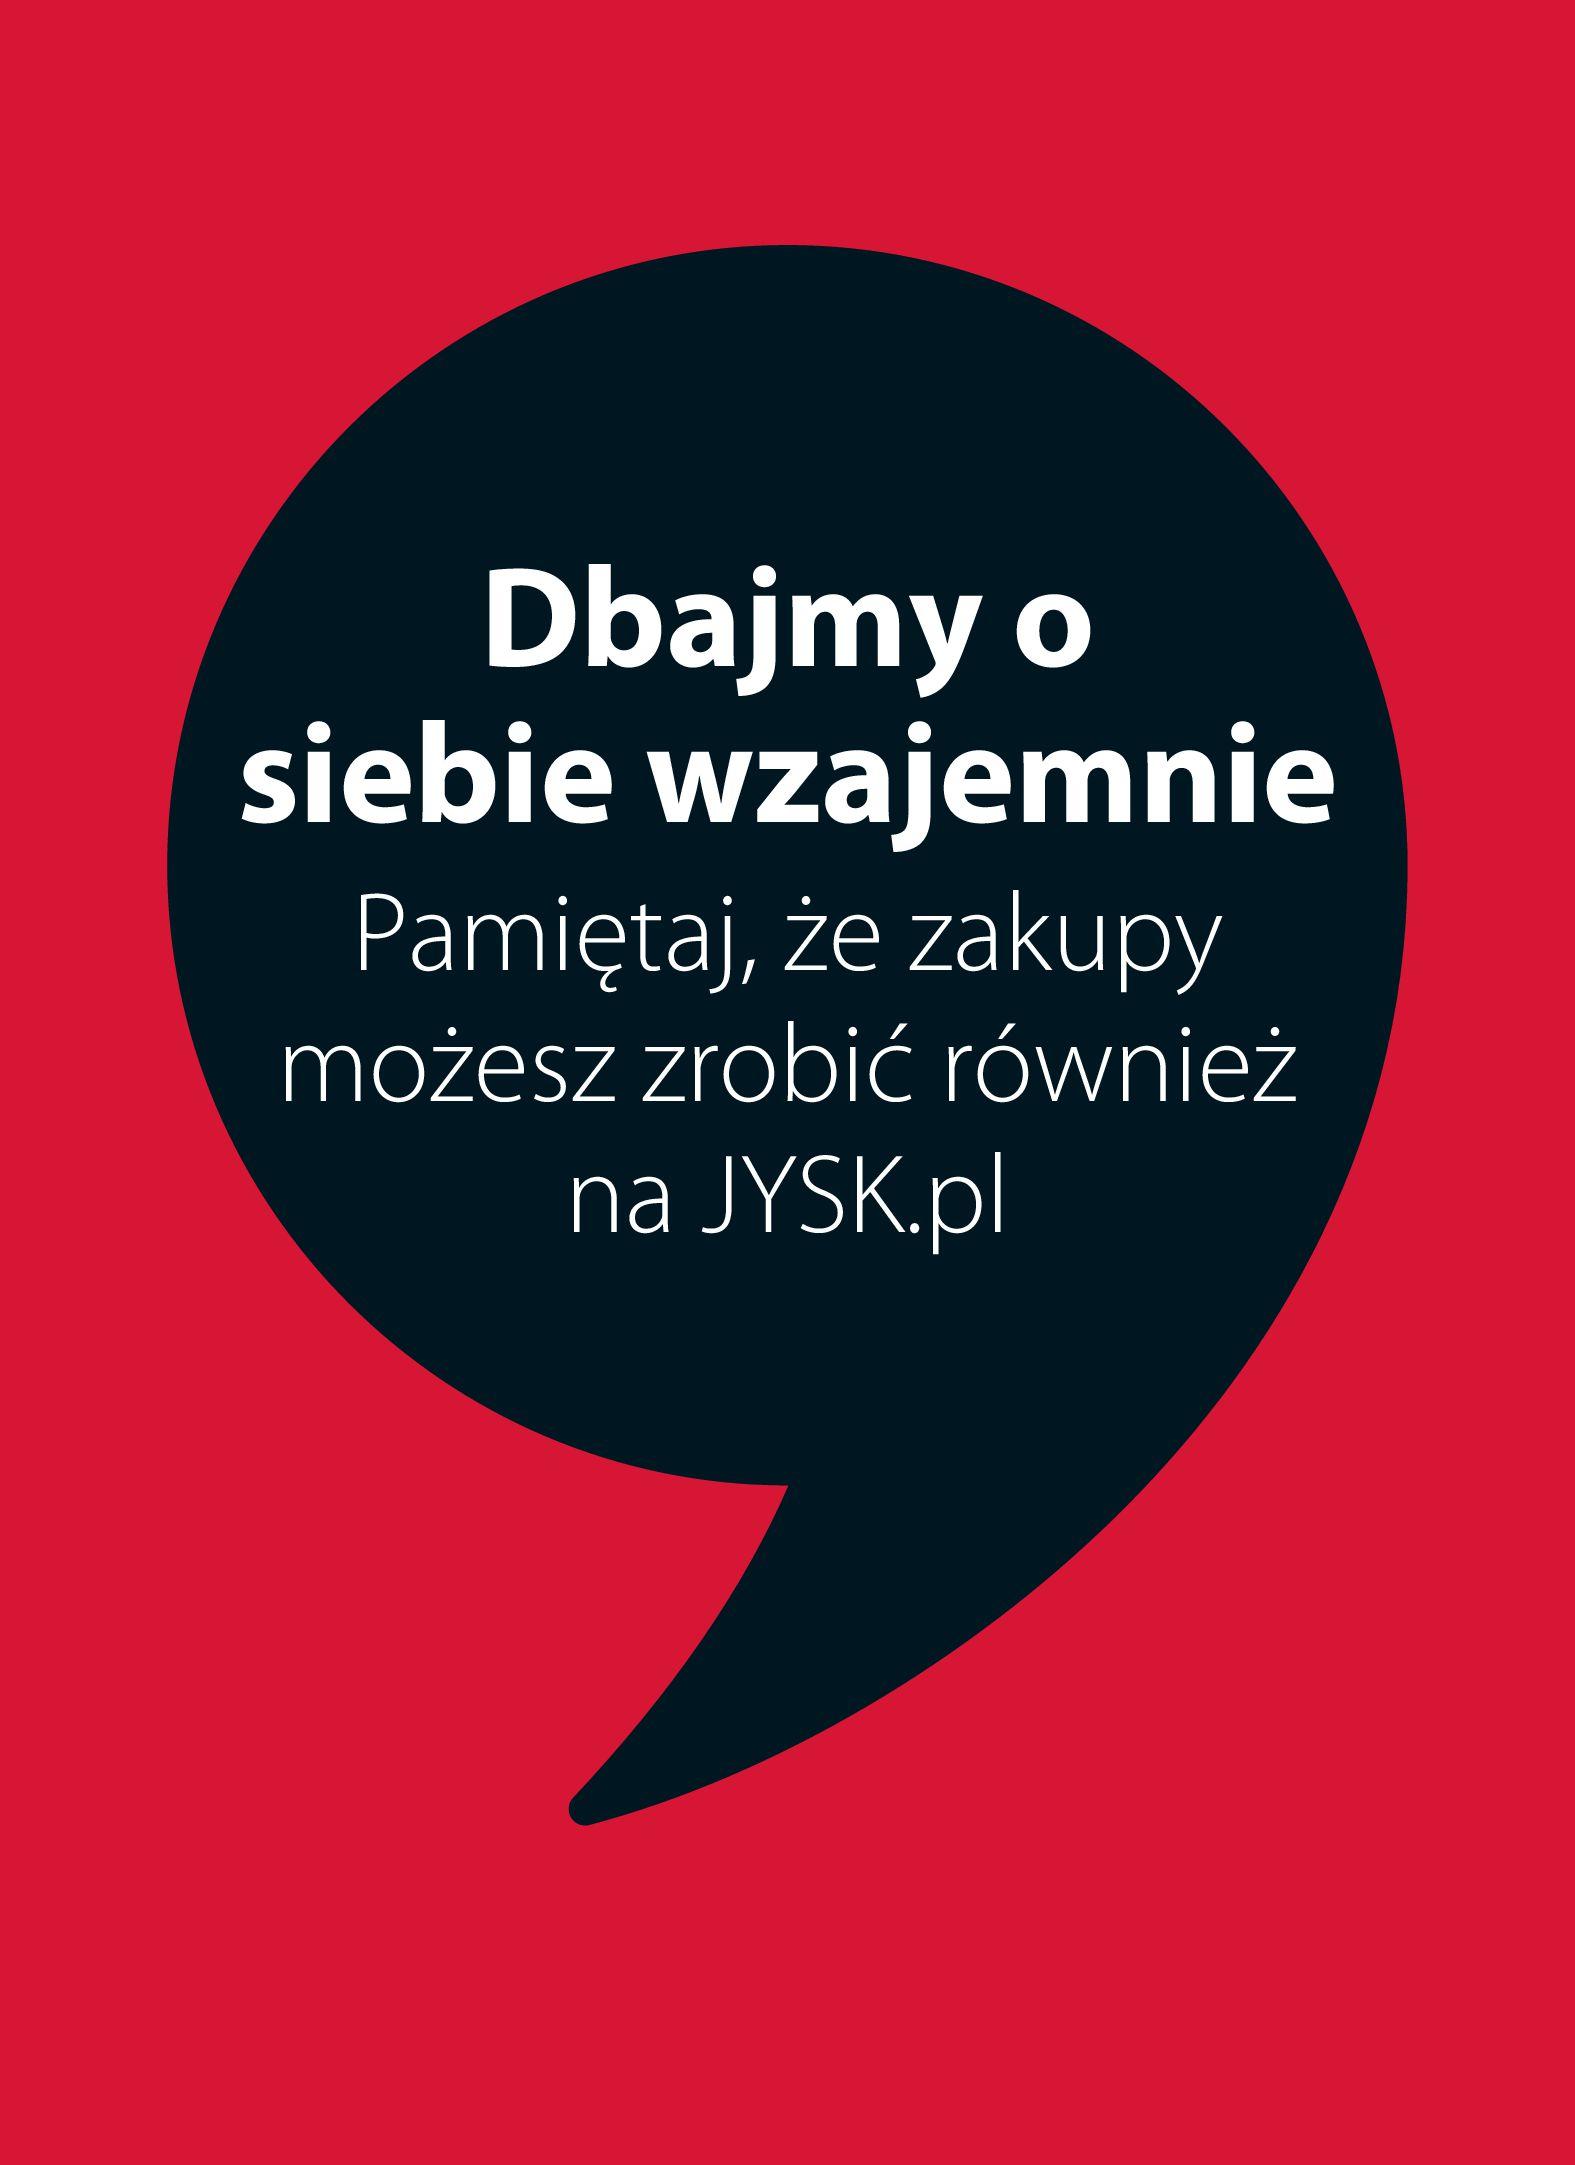 Jysk:  Gazetka Jysk - Oferta handlowa 03.08.2021